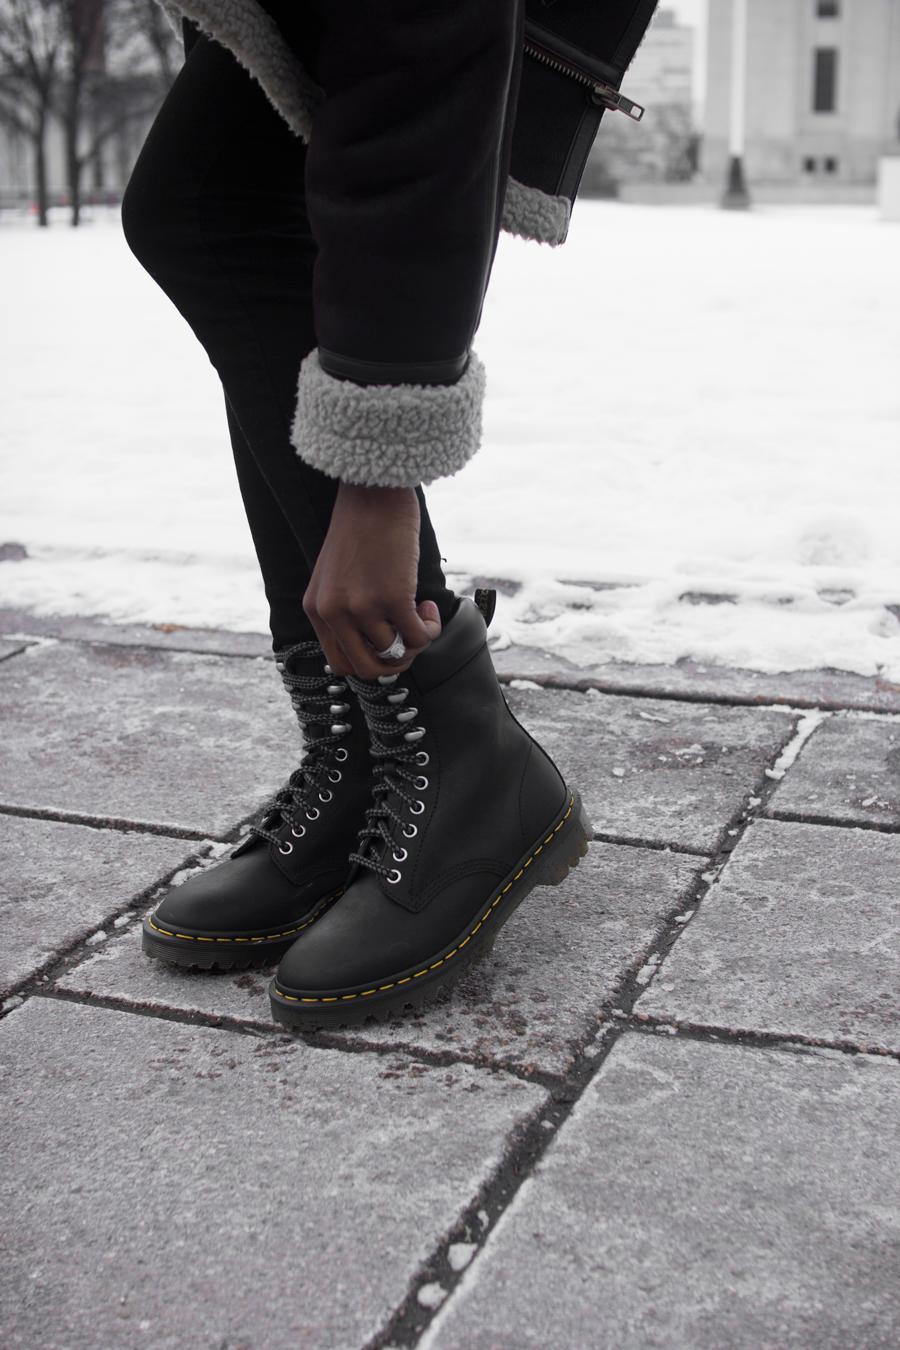 union-jack-boots-11